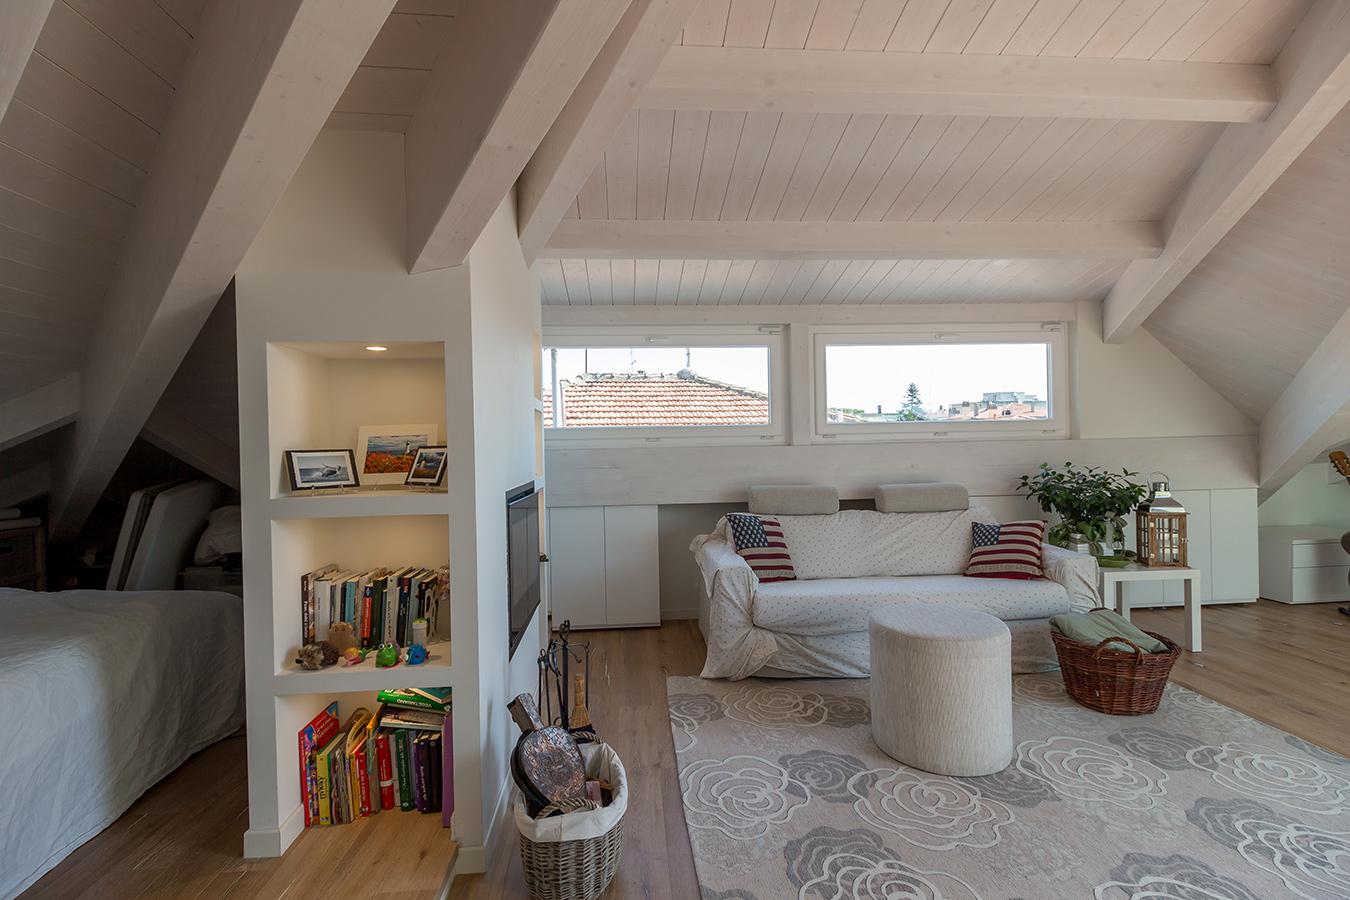 Soluzioni per sfruttare al meglio lo spazio - Camera da letto sottotetto ...